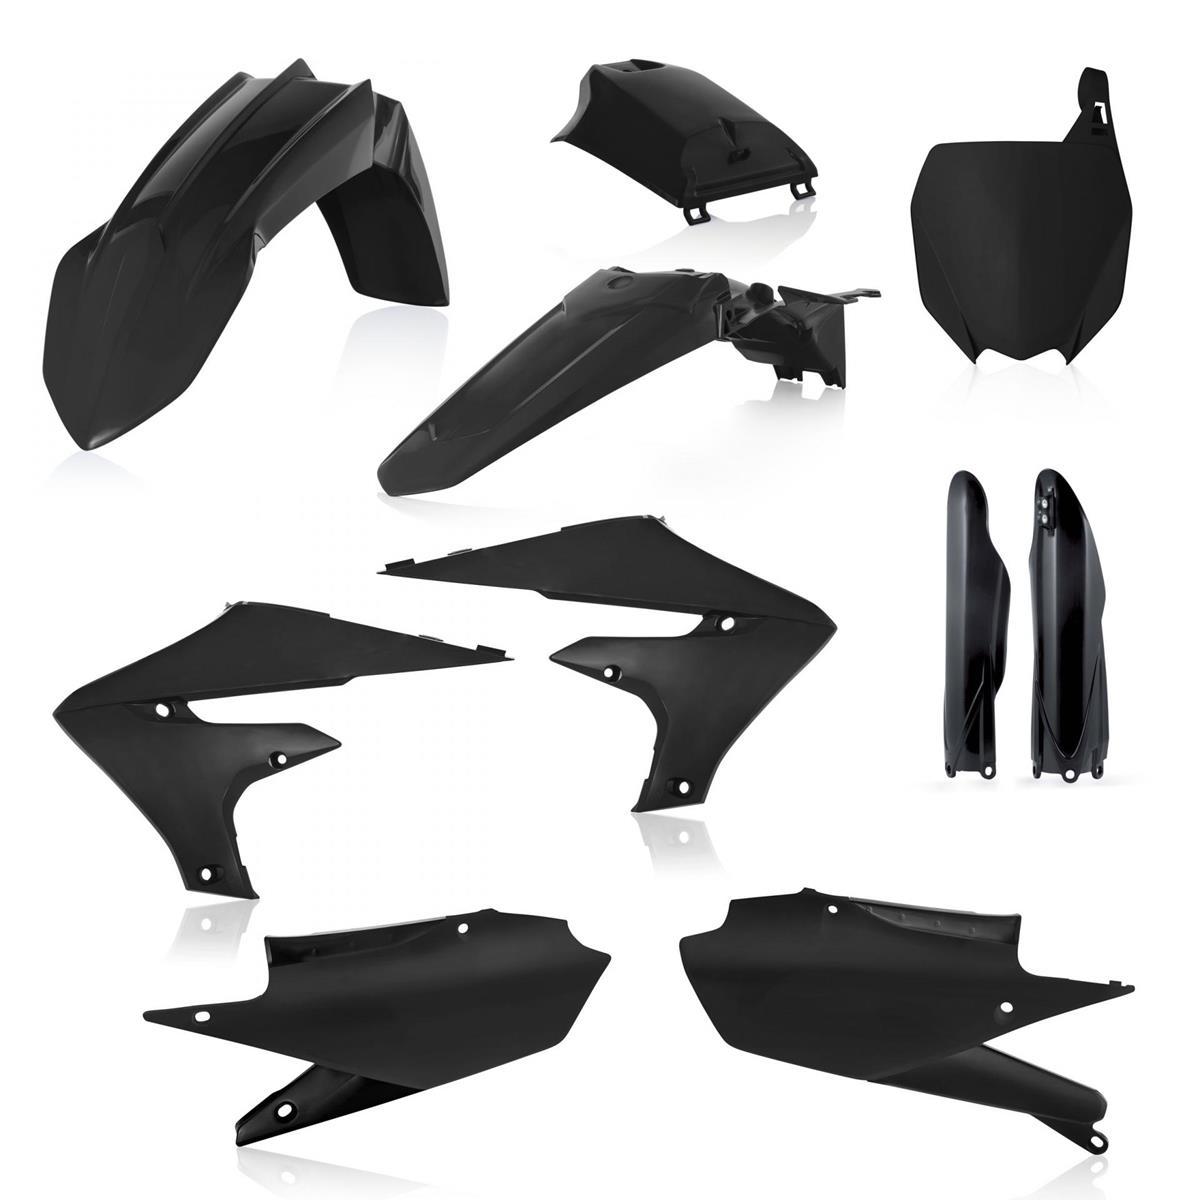 acerbis-plastik-kit-plastic-kit-full-kit-1 (1) yah 250 blaxk